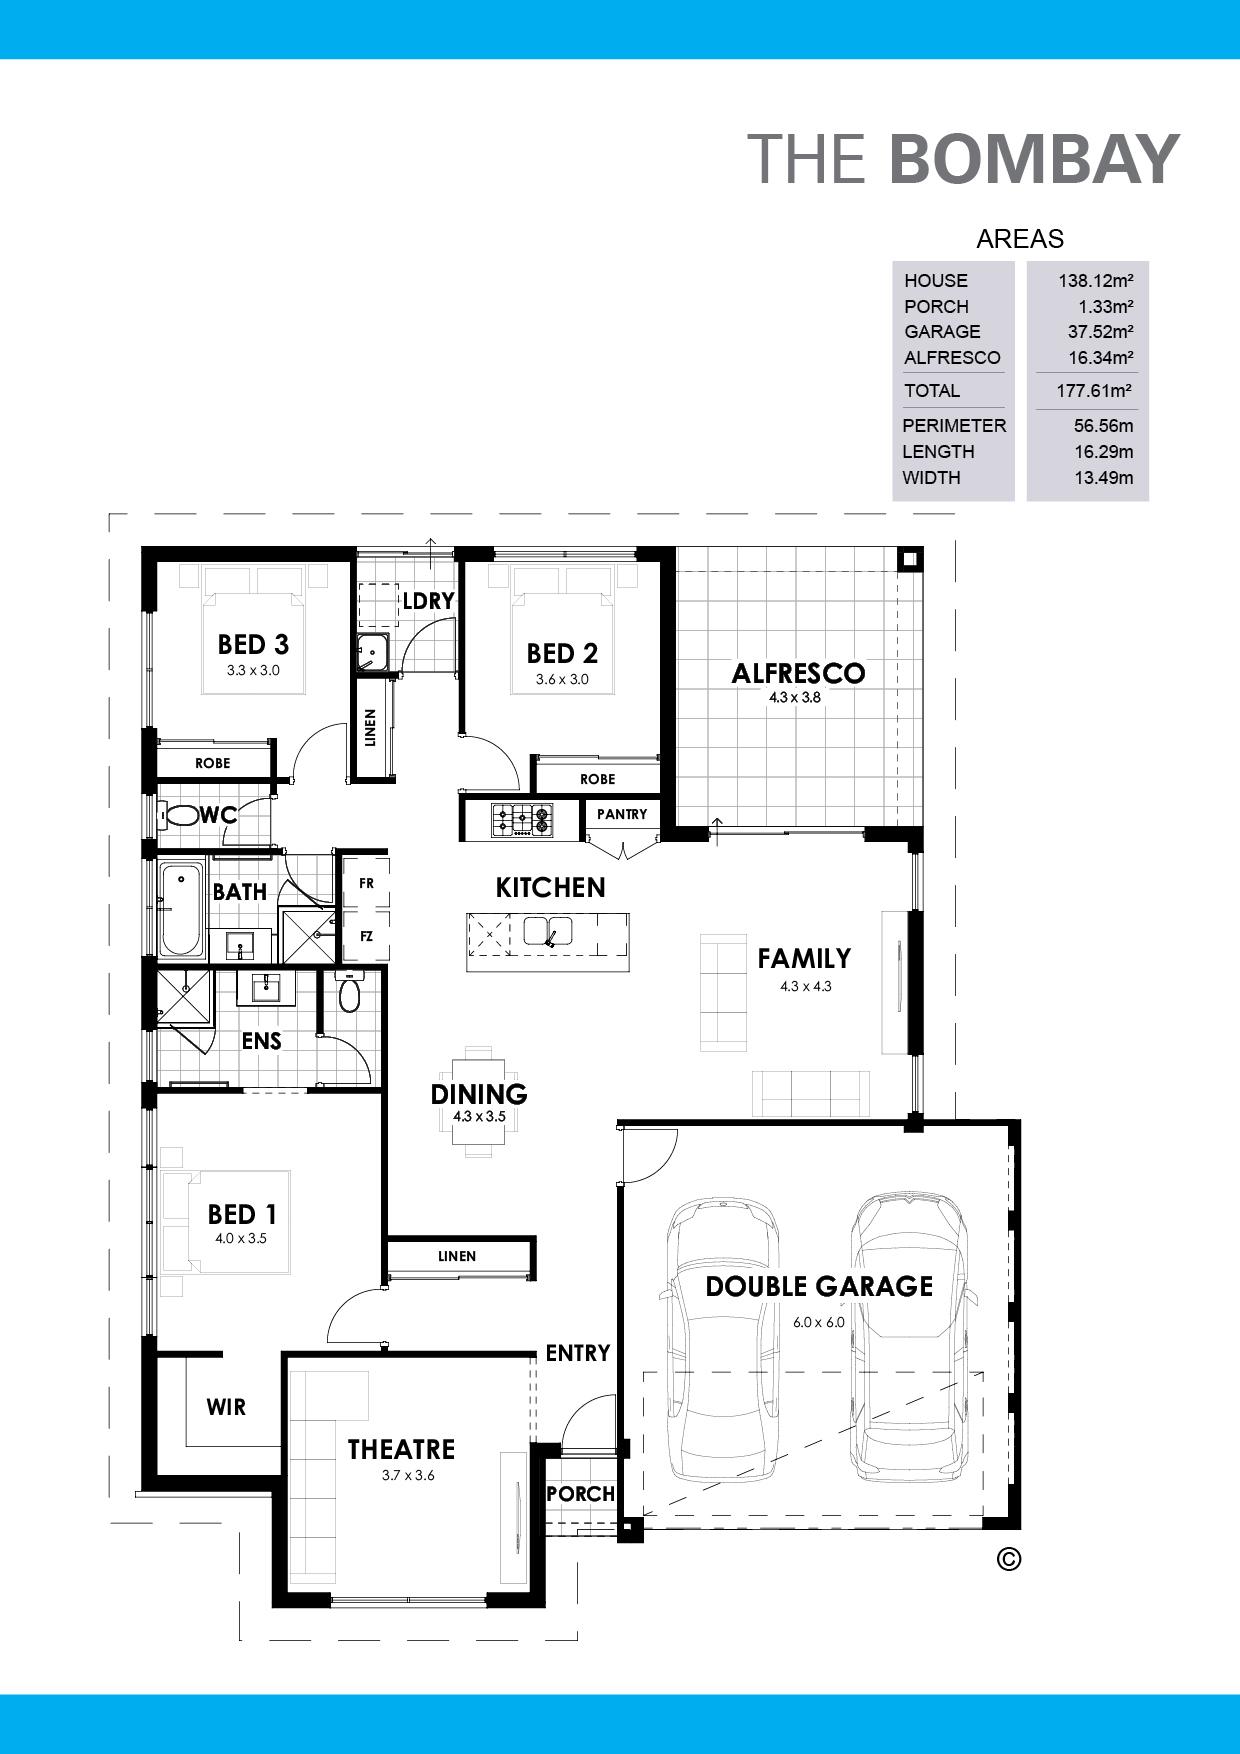 The Bombay Floorplan